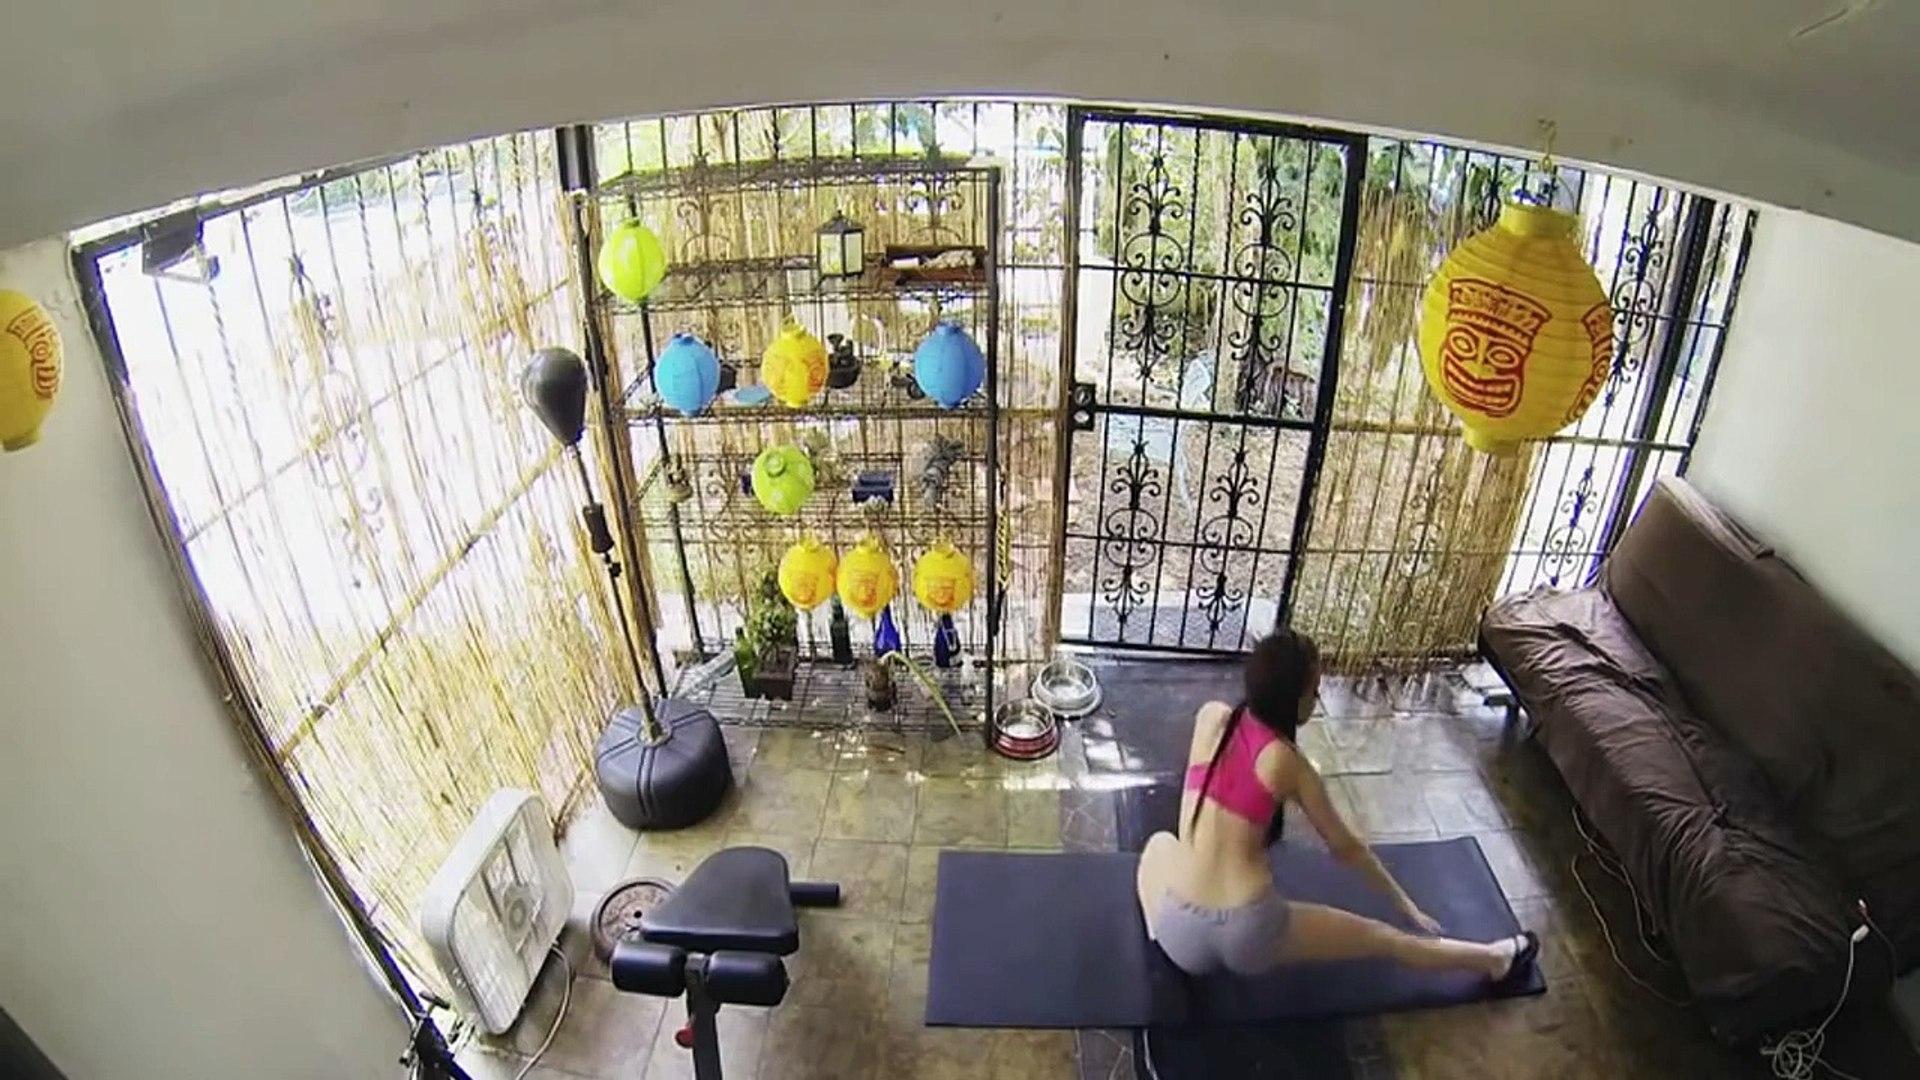 Yoga Workout Yoga Pants, Exercise Shorts, Yoga Poses Flexibility Workout